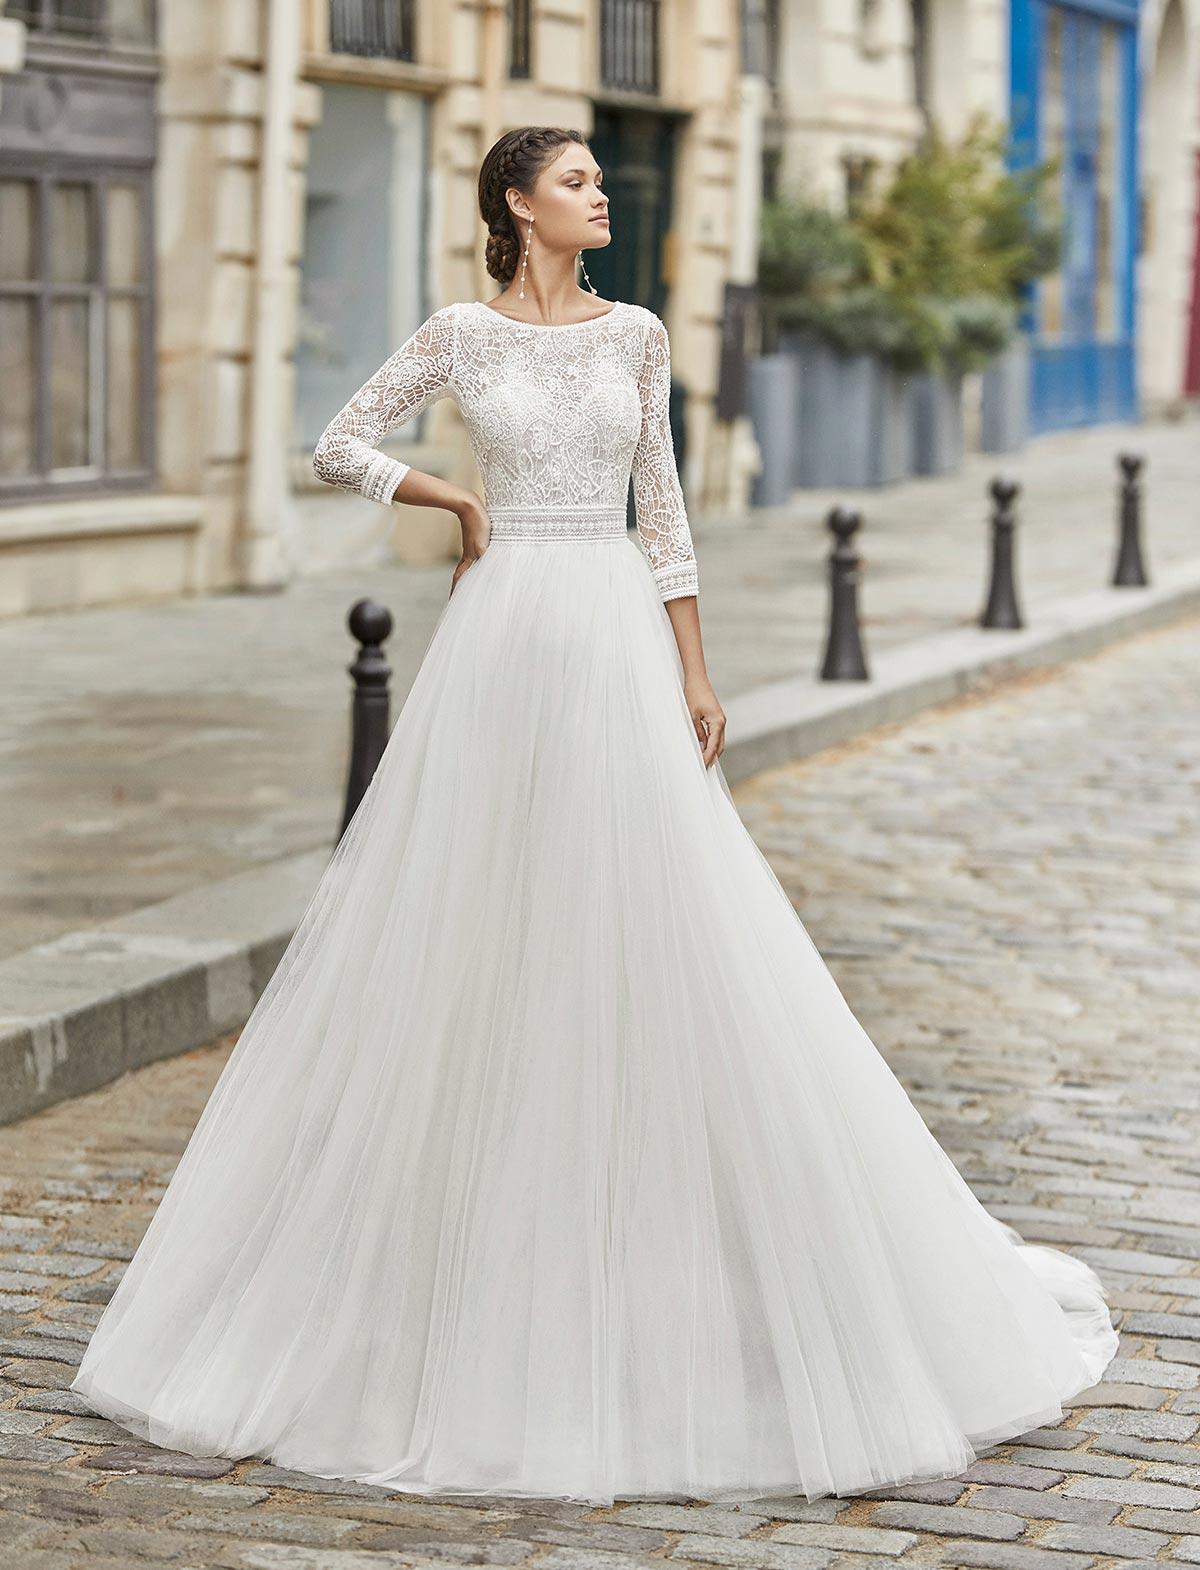 Rosa Clarà Tirso Abito Sposa 2021